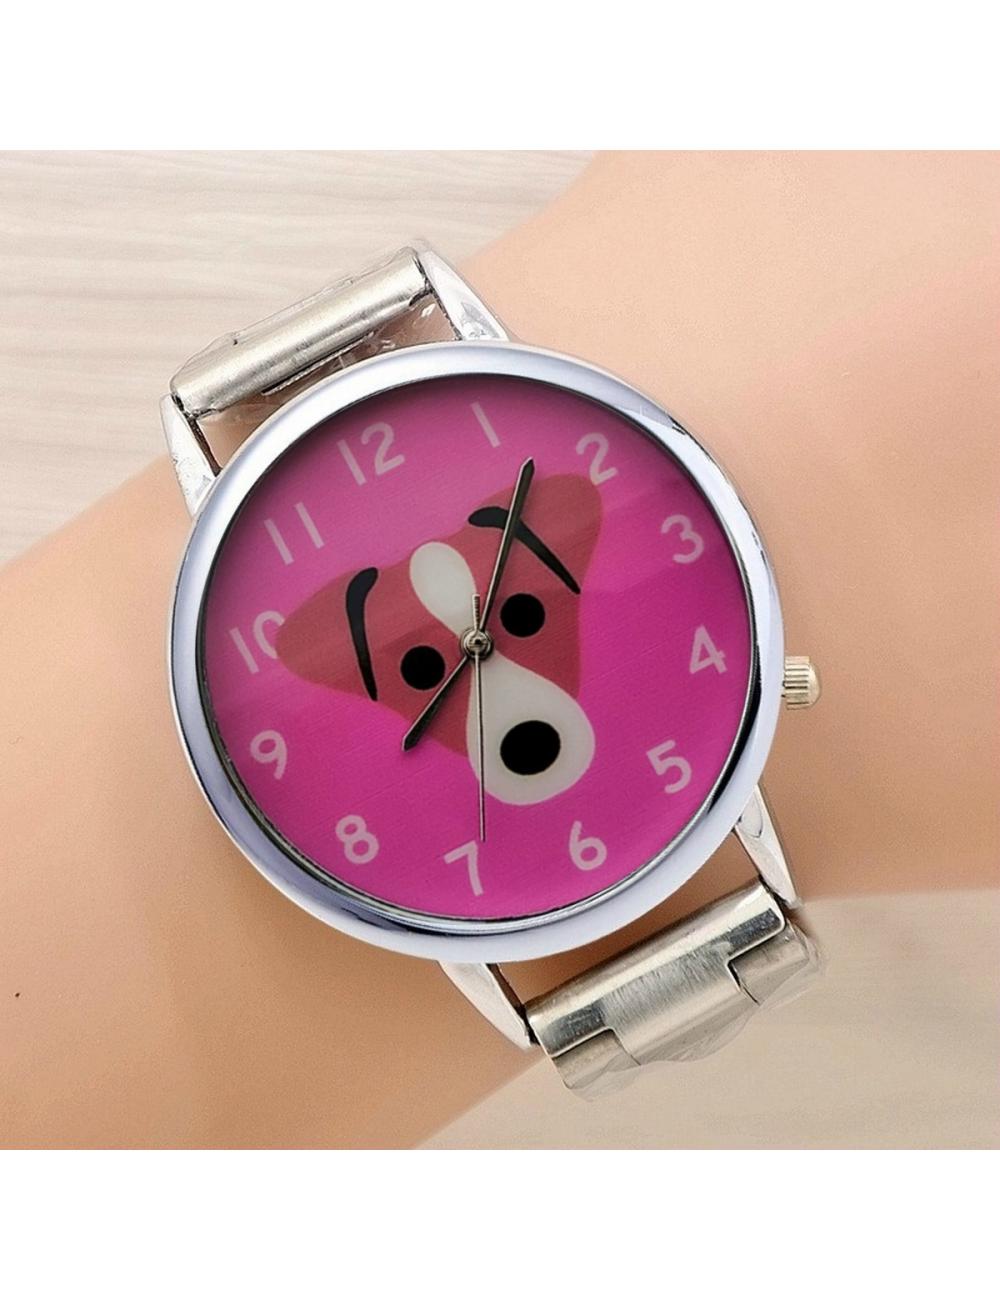 Reloj Perrito Dayoshop 49,900.00